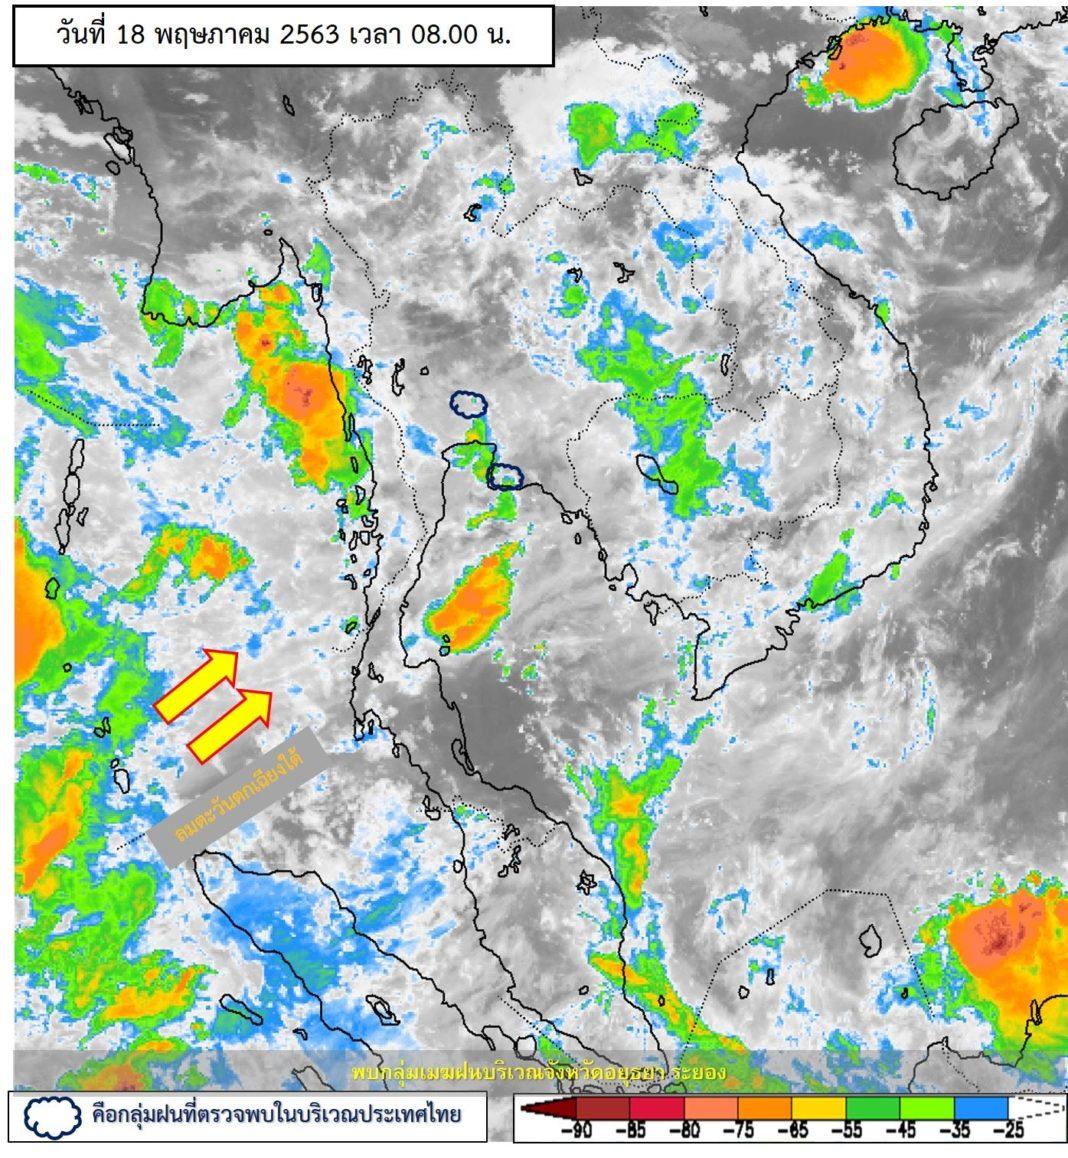 พยากรณ์อากาศประจำวันที่ 18 พฤษภาคม 2563